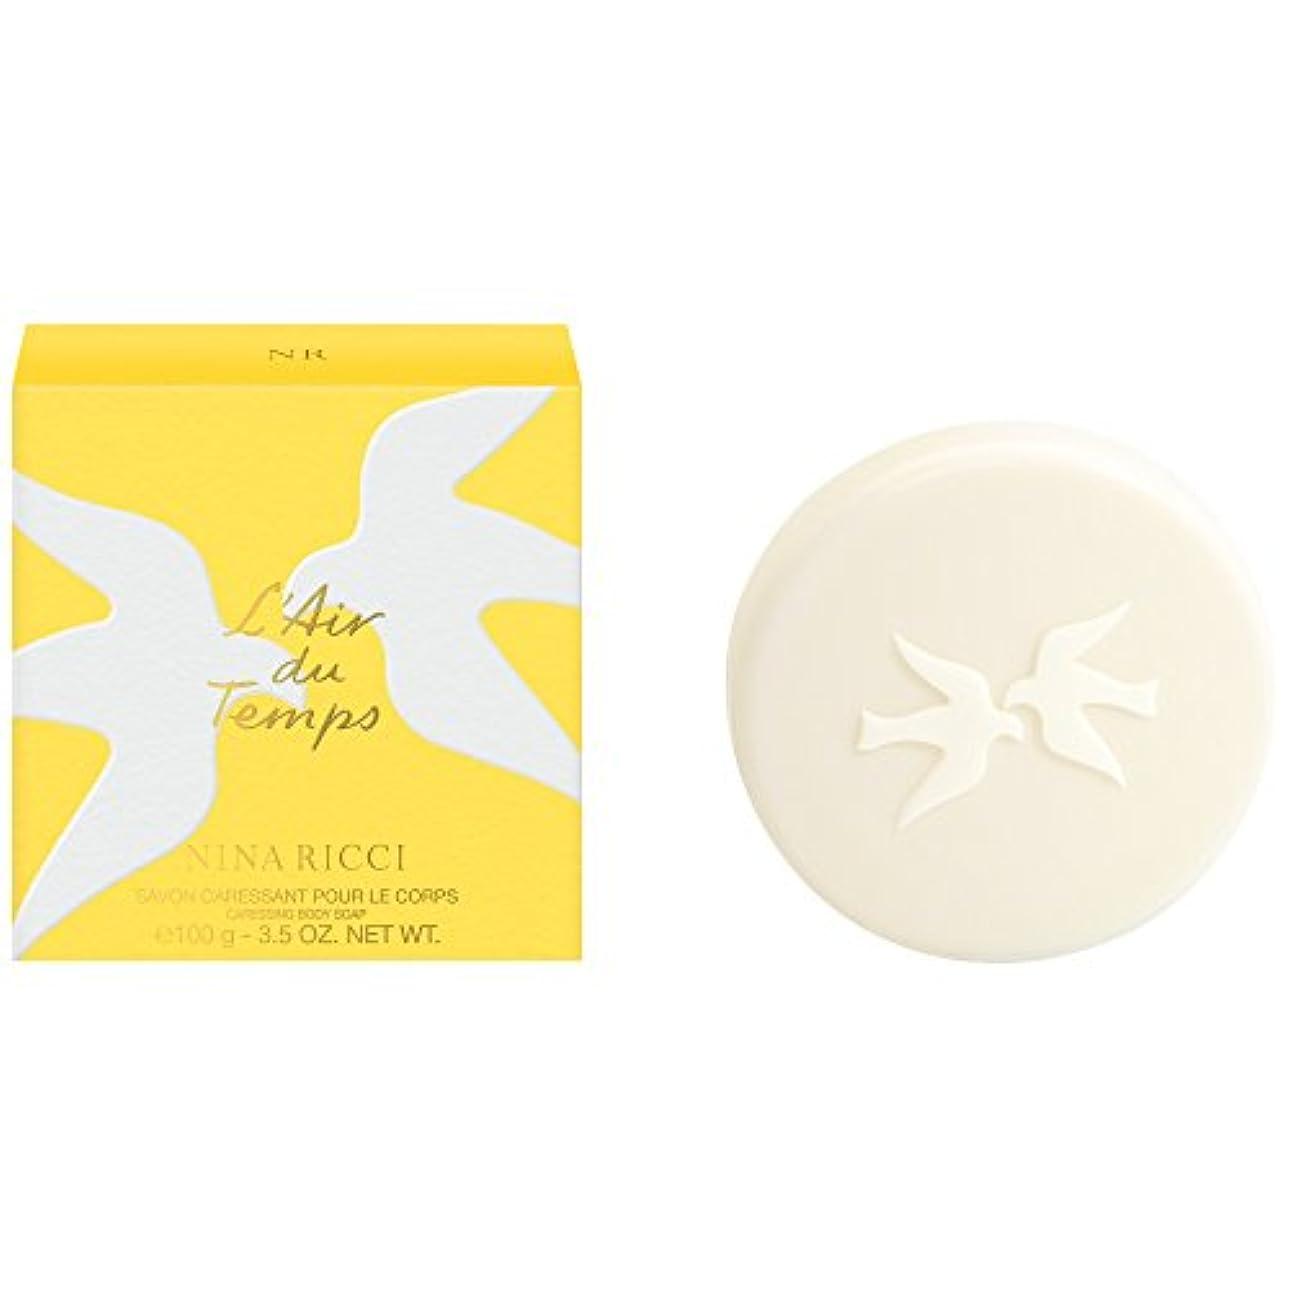 交響曲適合サーバニナリッチL'空気デュは石鹸の100グラムをタン (Nina Ricci) (x2) - Nina Ricci L'Air du Temps Soap 100g (Pack of 2) [並行輸入品]